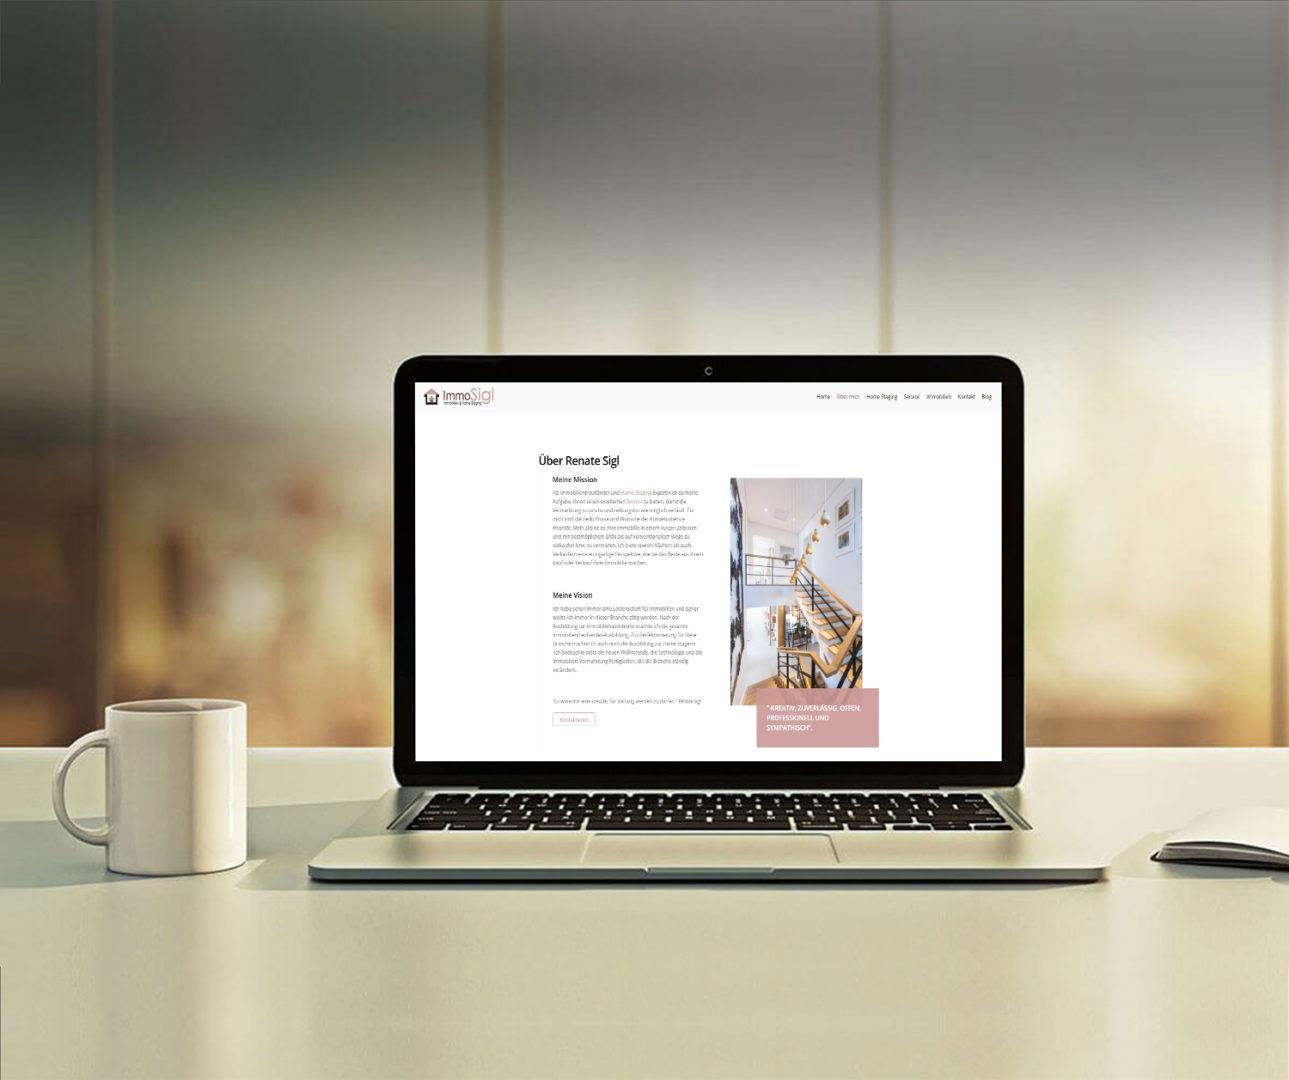 klare Linien, alles wichtige auf einen Blick und natürlich viele schöne Fotos. Das war das Motto für die neue Webseite von Renate Sigl.